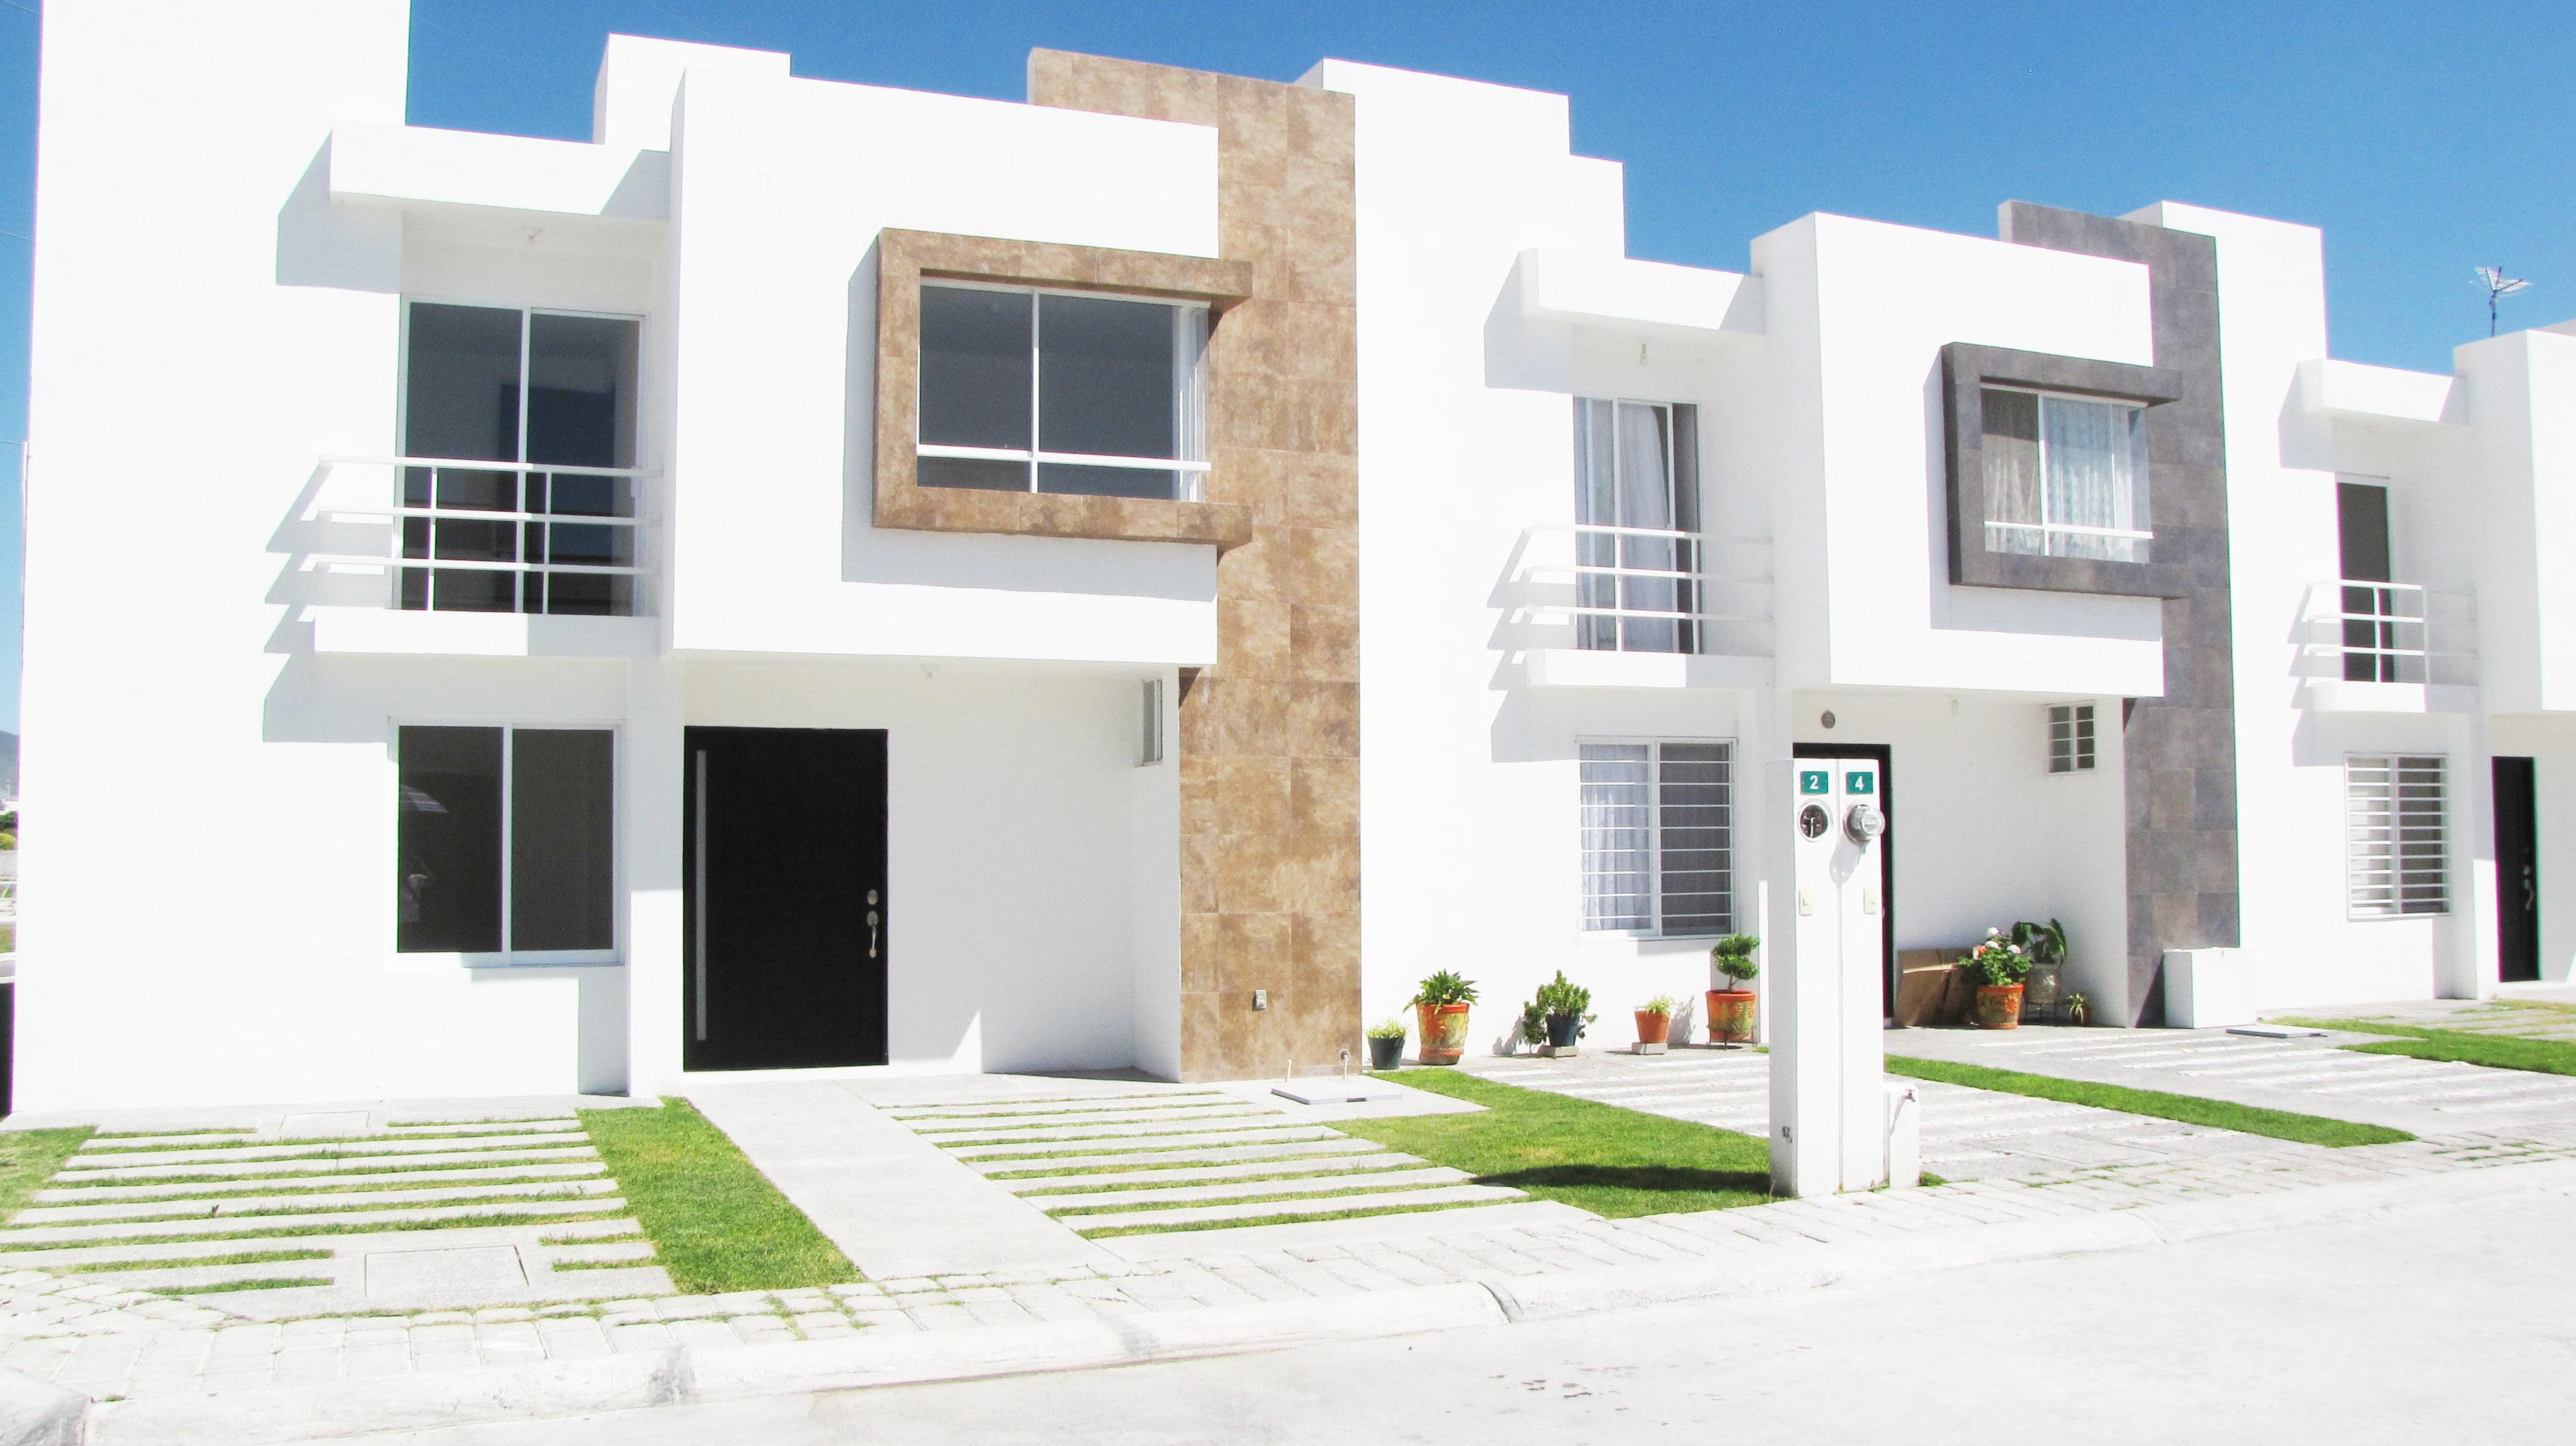 Casas Infonavit Df : Más crédito a trabajadores para que adquieran su casa reto del